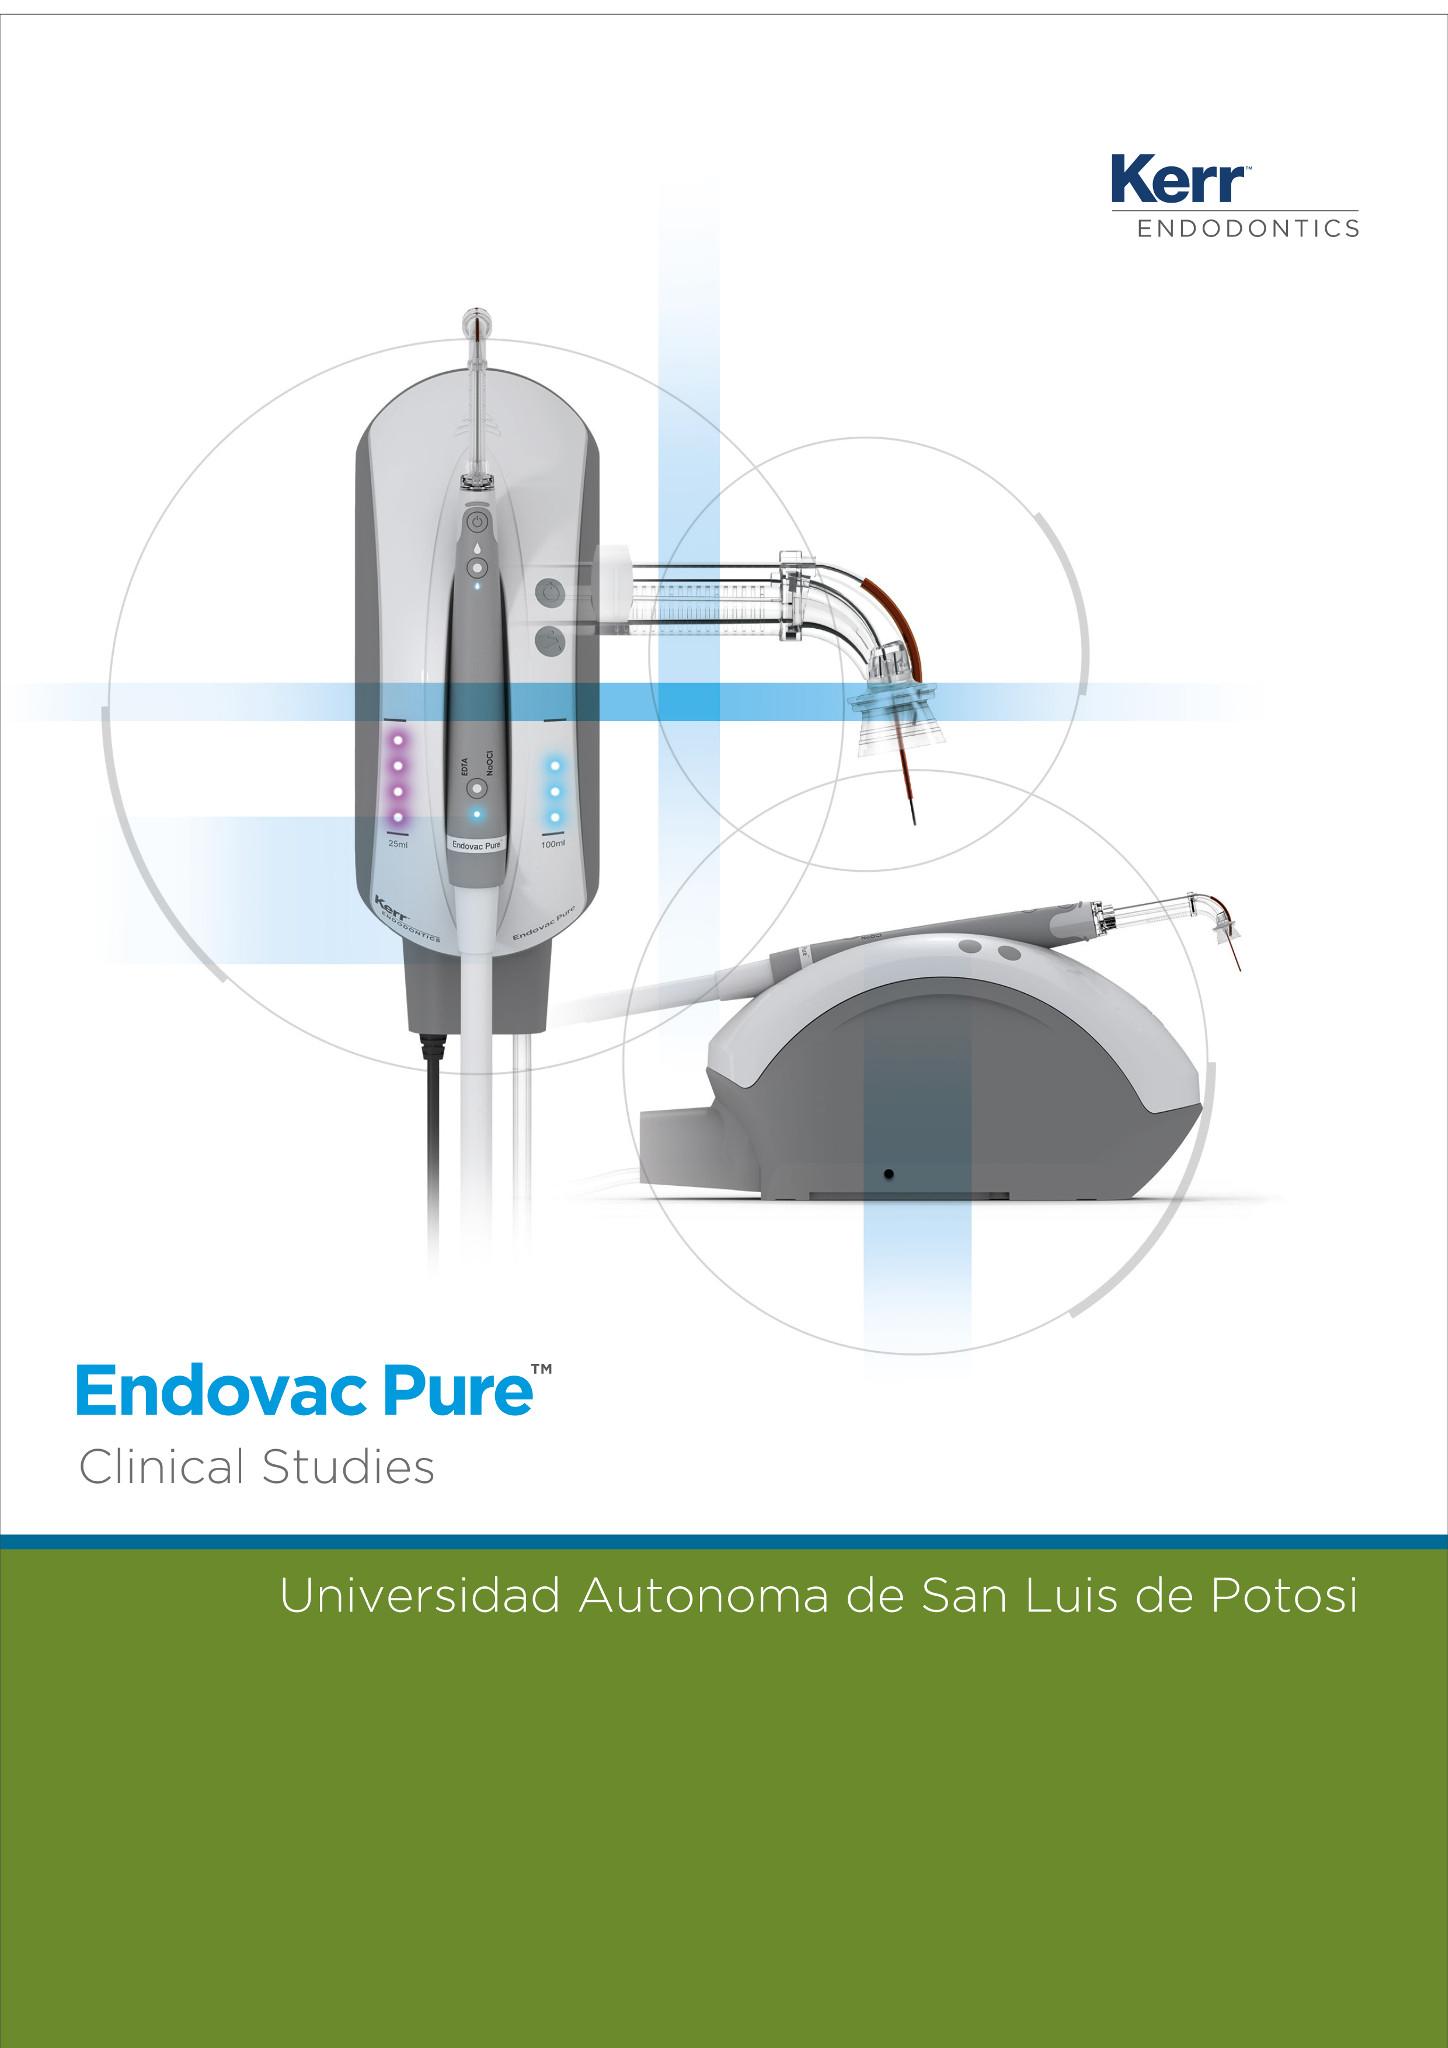 Endovac Pure